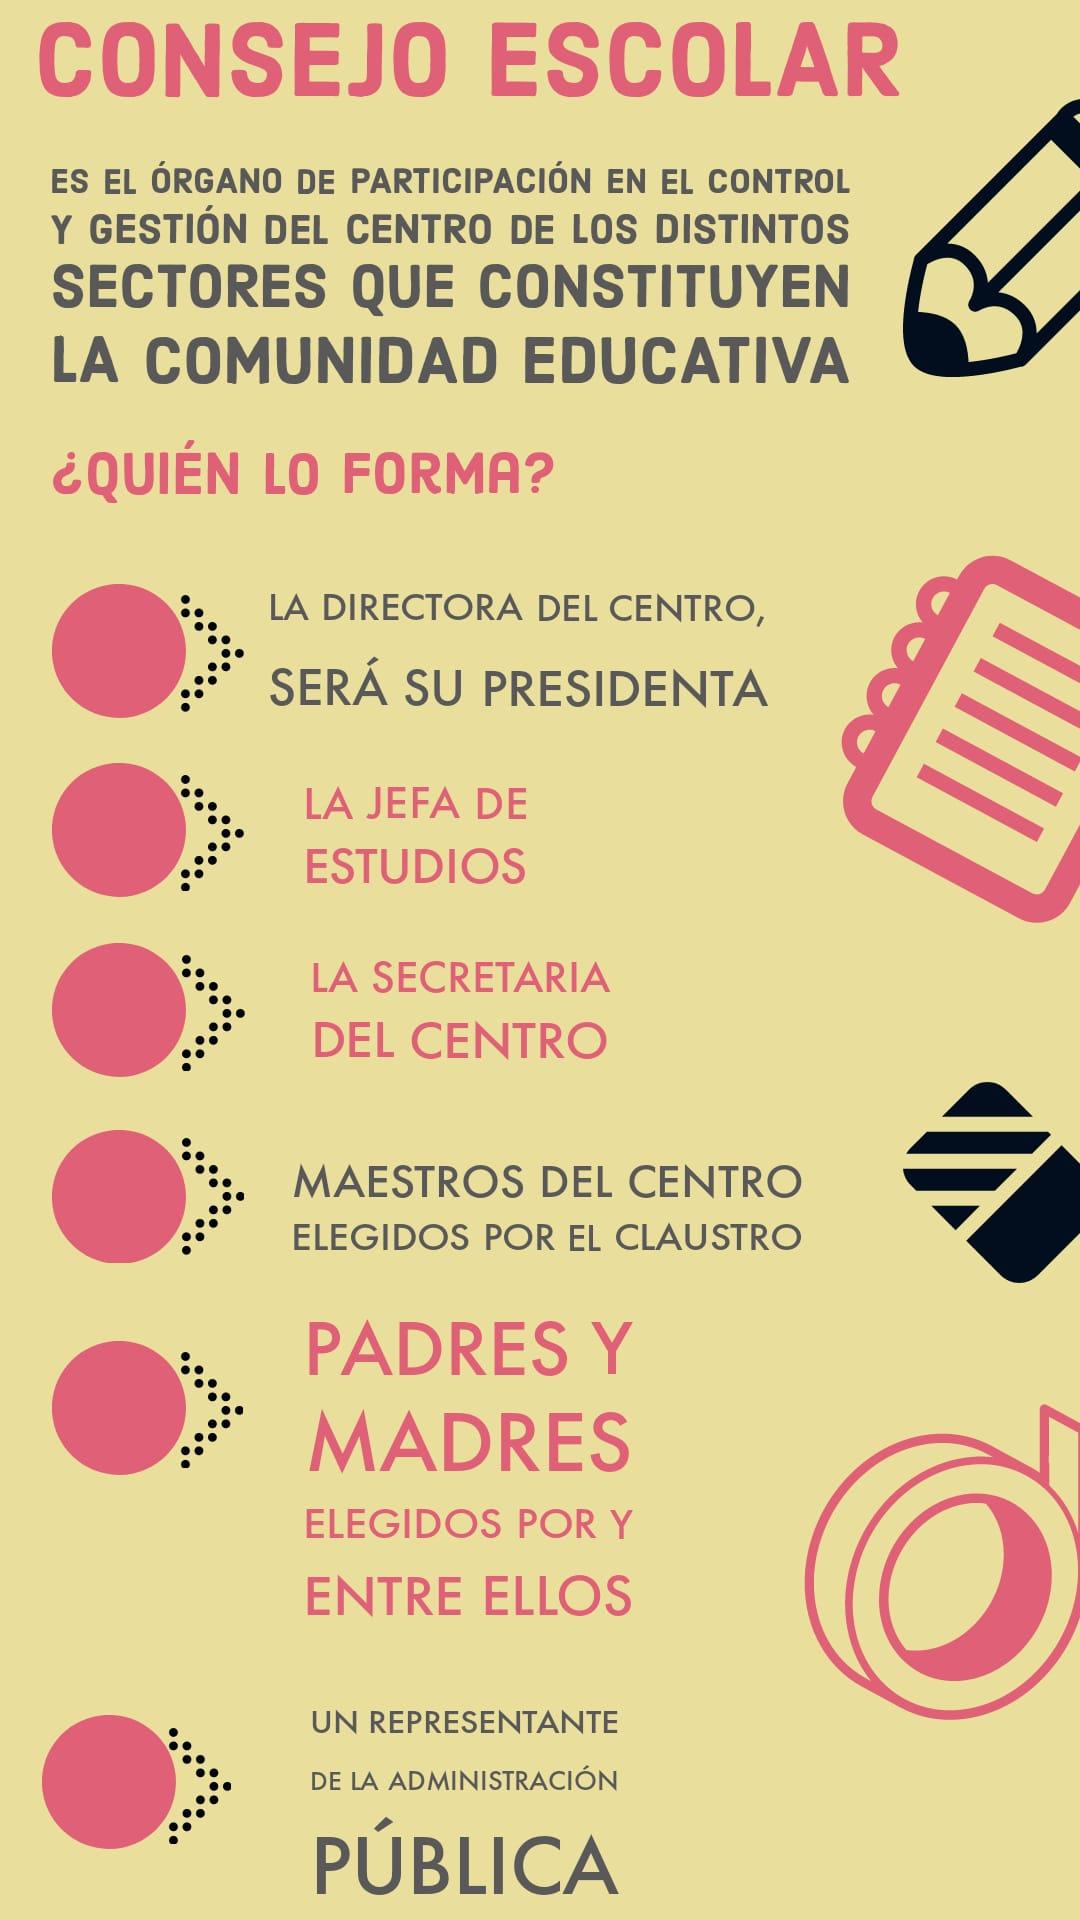 El consejo escolar lo forman, el director/a del centro (su presidente), jefe/a de estudios, secretario/a del centro, docentes, padres y madres, y un representante de la administración pública.